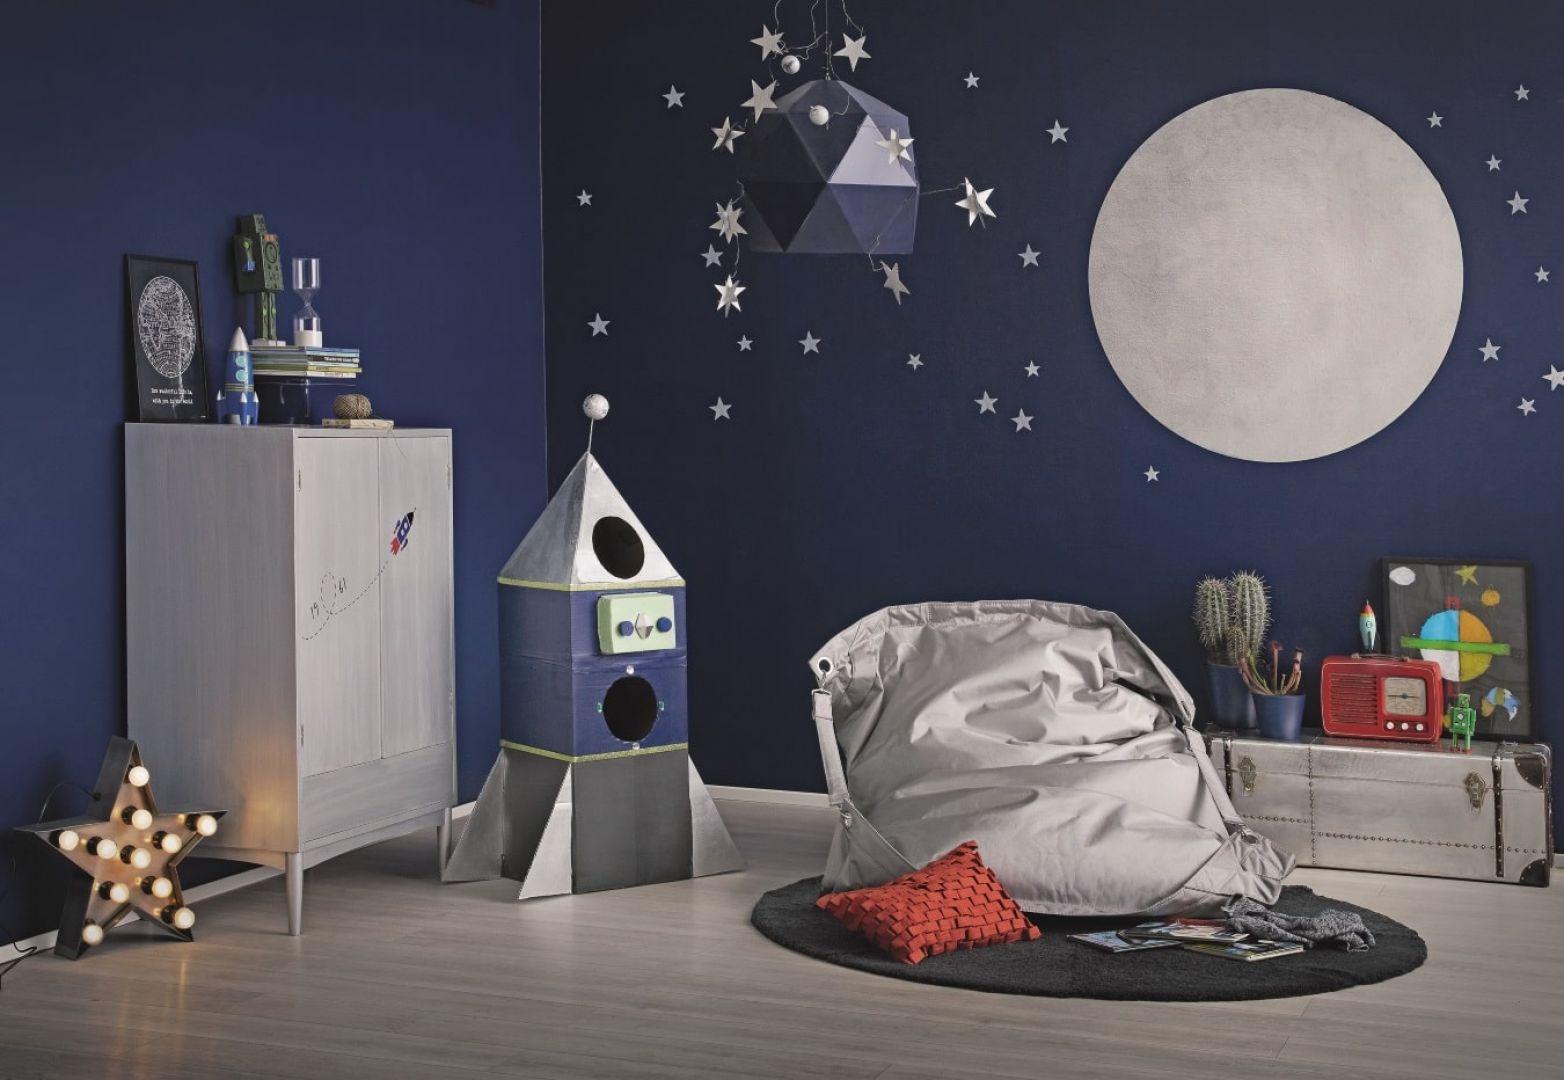 Farby z serii Tikkurila Kids Style przeniosą młodych domowników wprost do krainy fantazji. Fot. Tikkurila